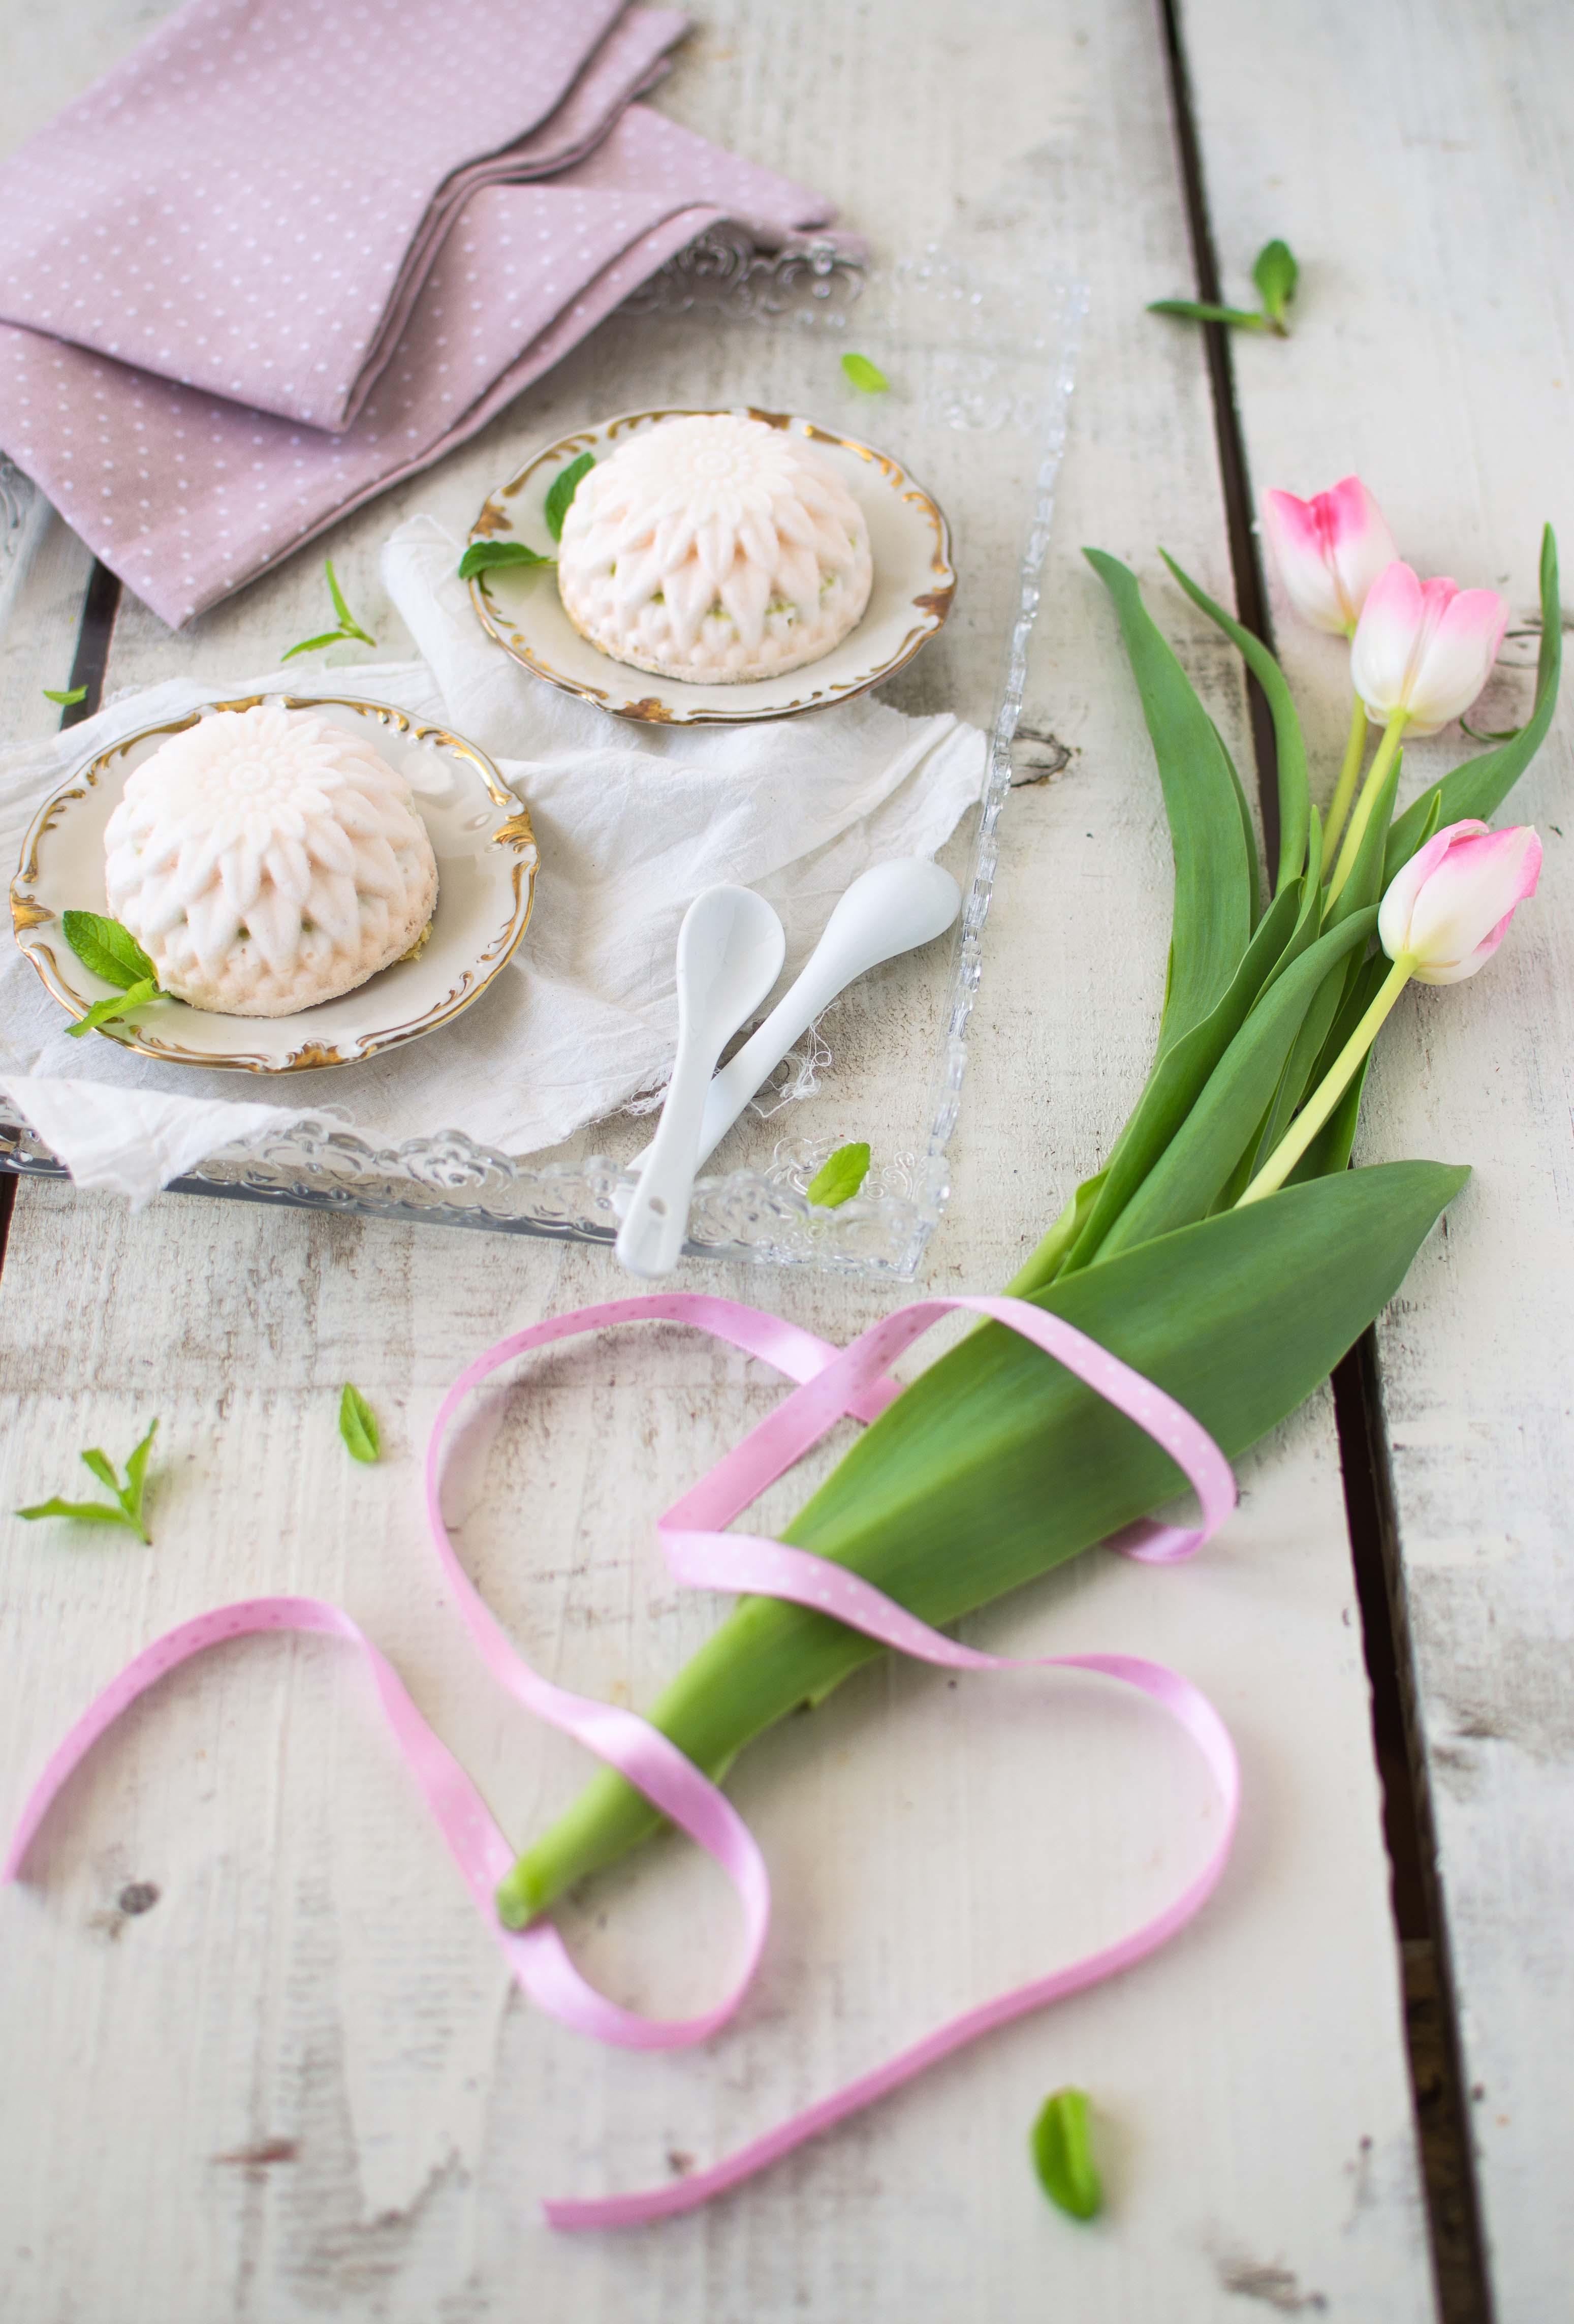 mousse_pompelmo_pistacchio4 Mousse al pompelmo rosa e pistacchi